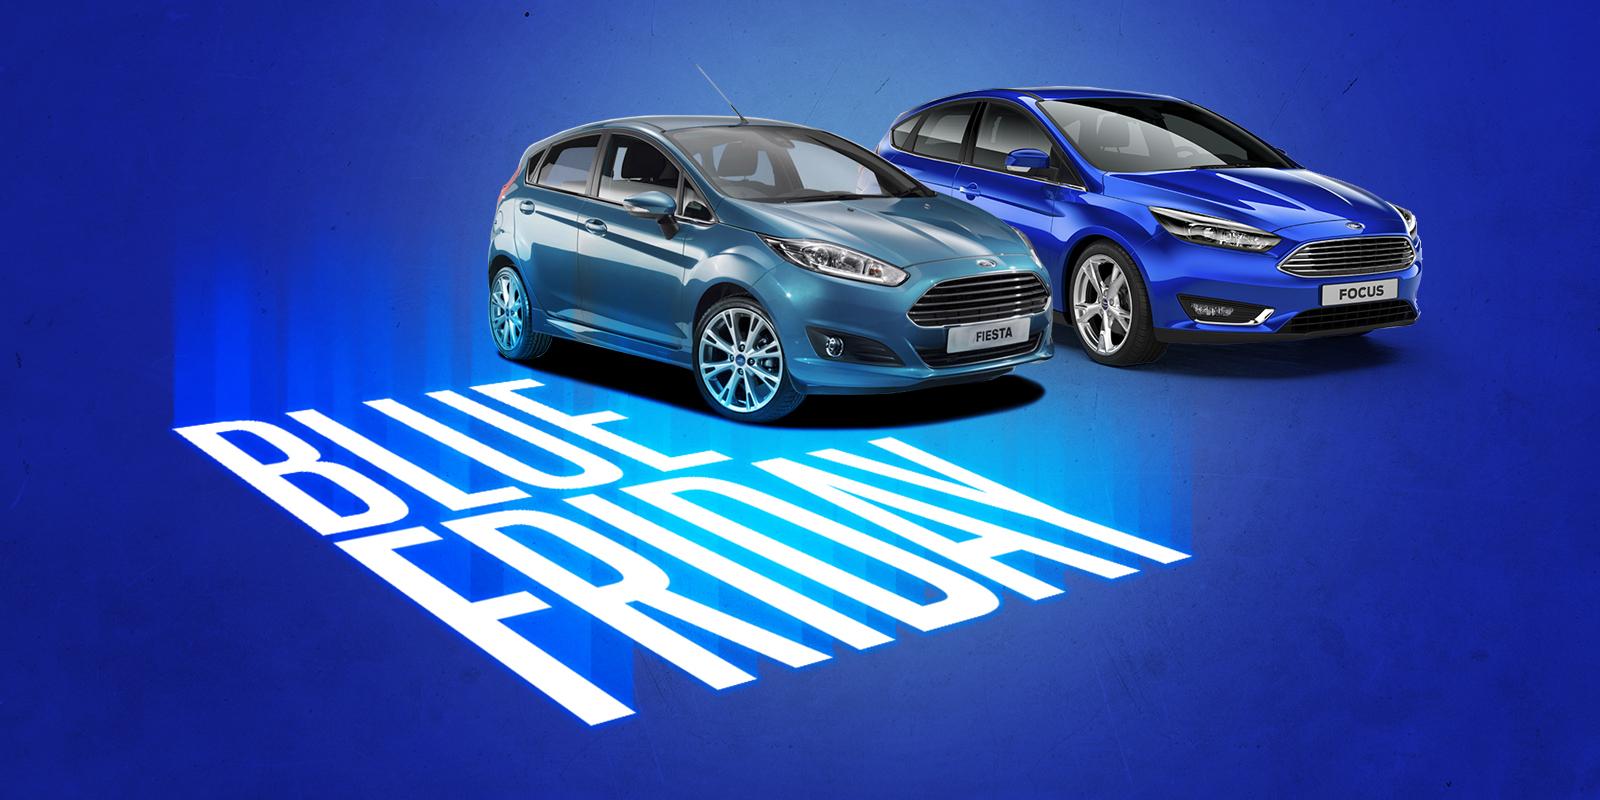 Date prisa y compra un Ford sin IVA